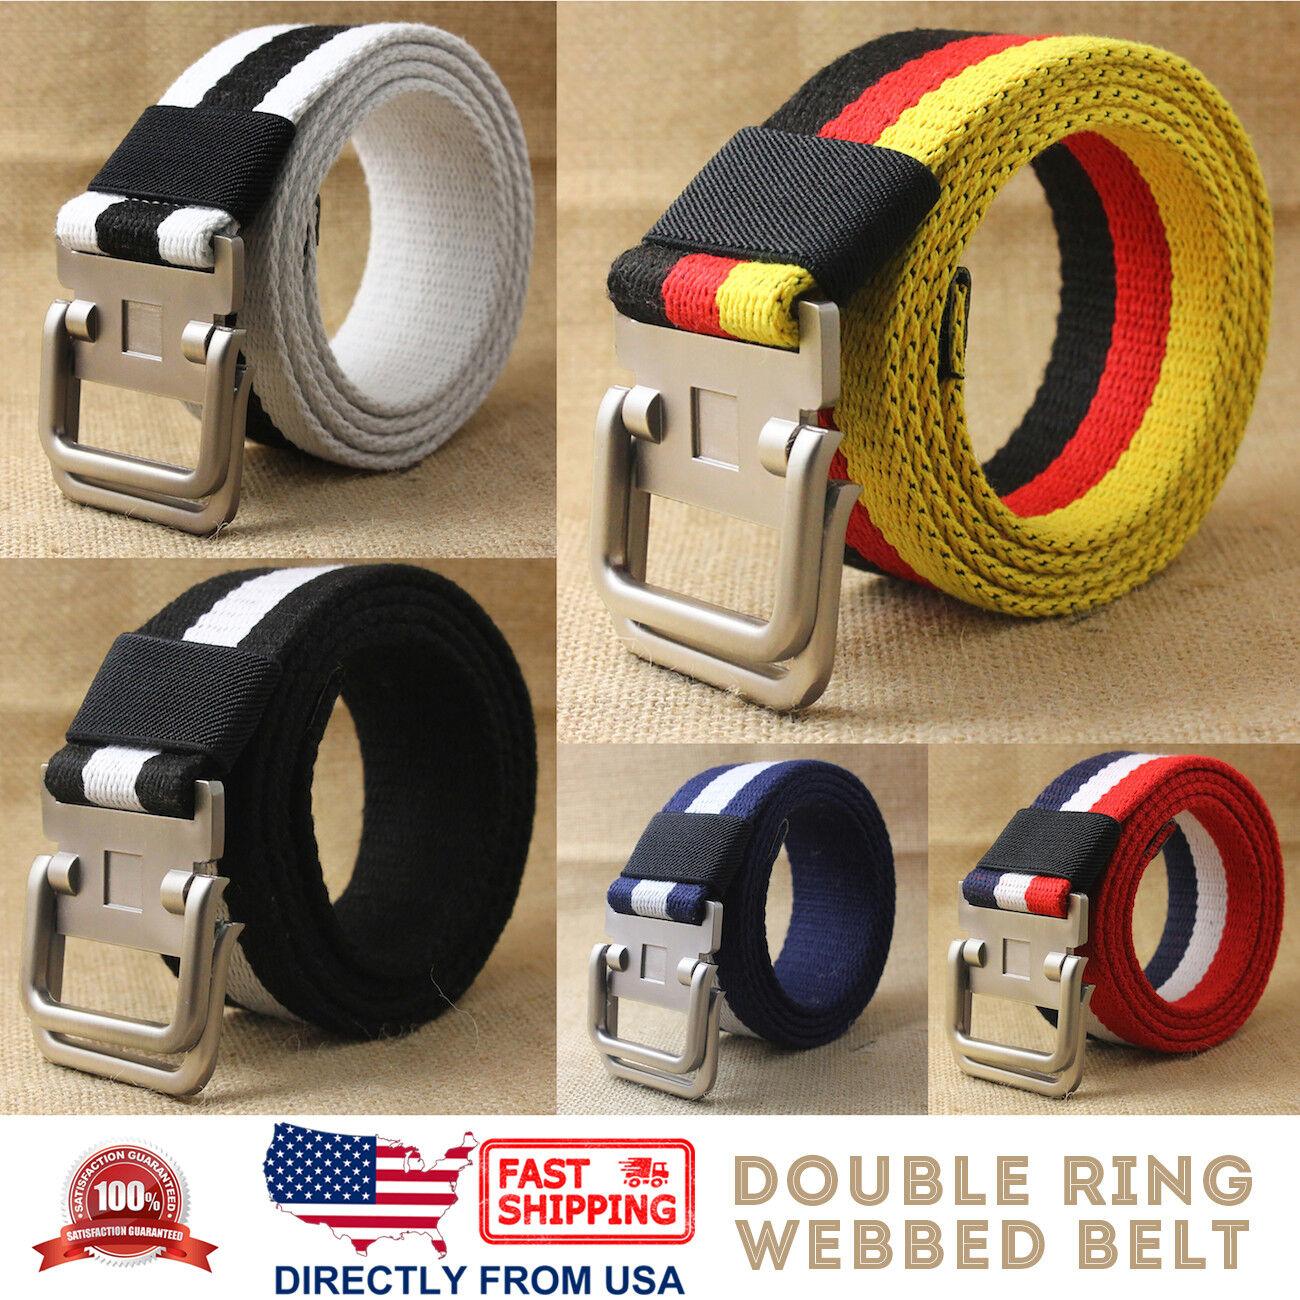 Men's Jean Belt, Casual Canvas Webbed Belt, Double Ring Metal Buckle Belts